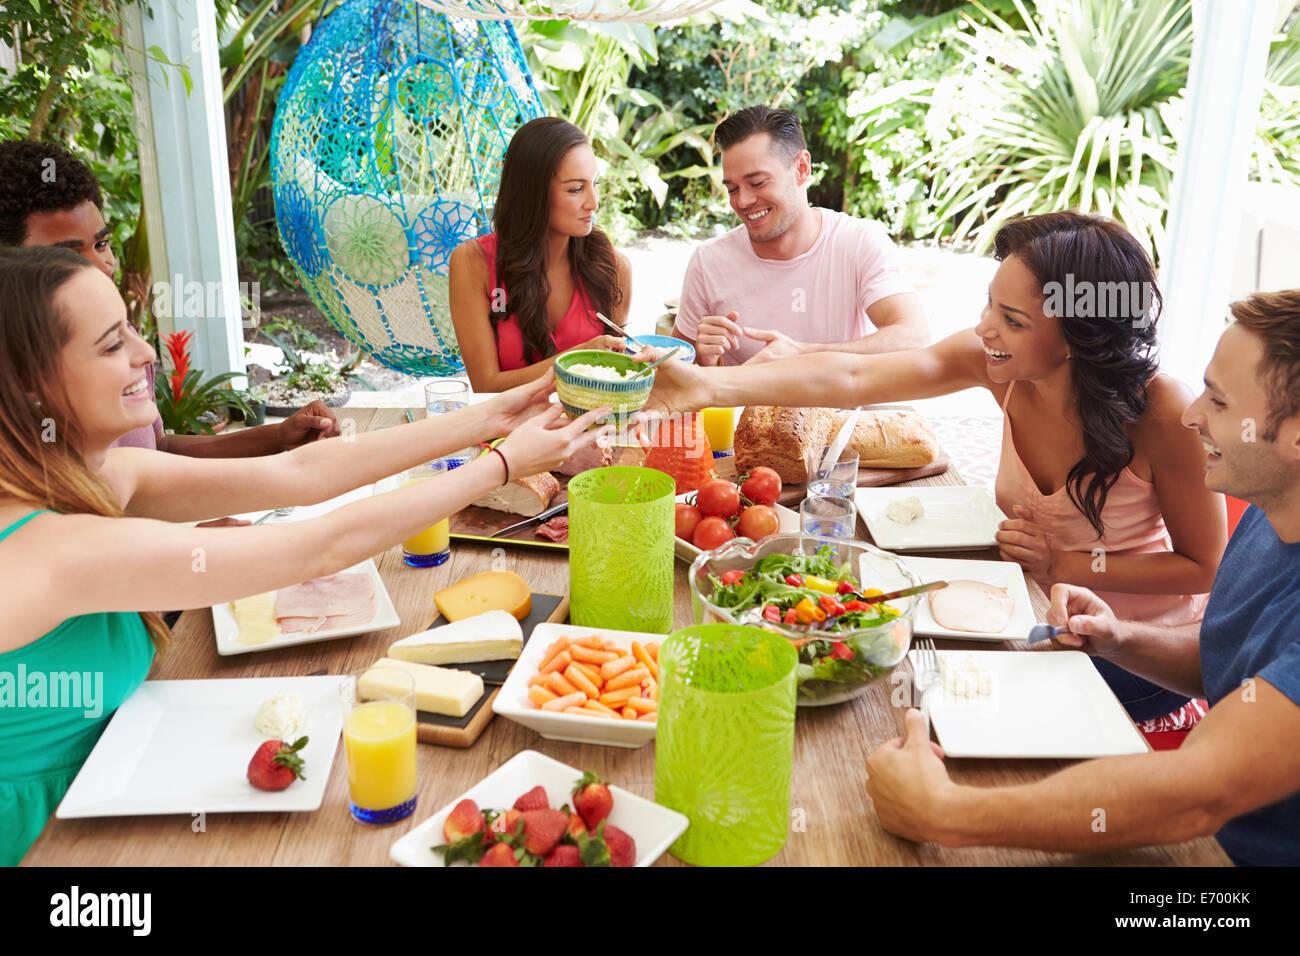 Gruppo di amici gustando pasti all'aperto a casa Immagini Stock